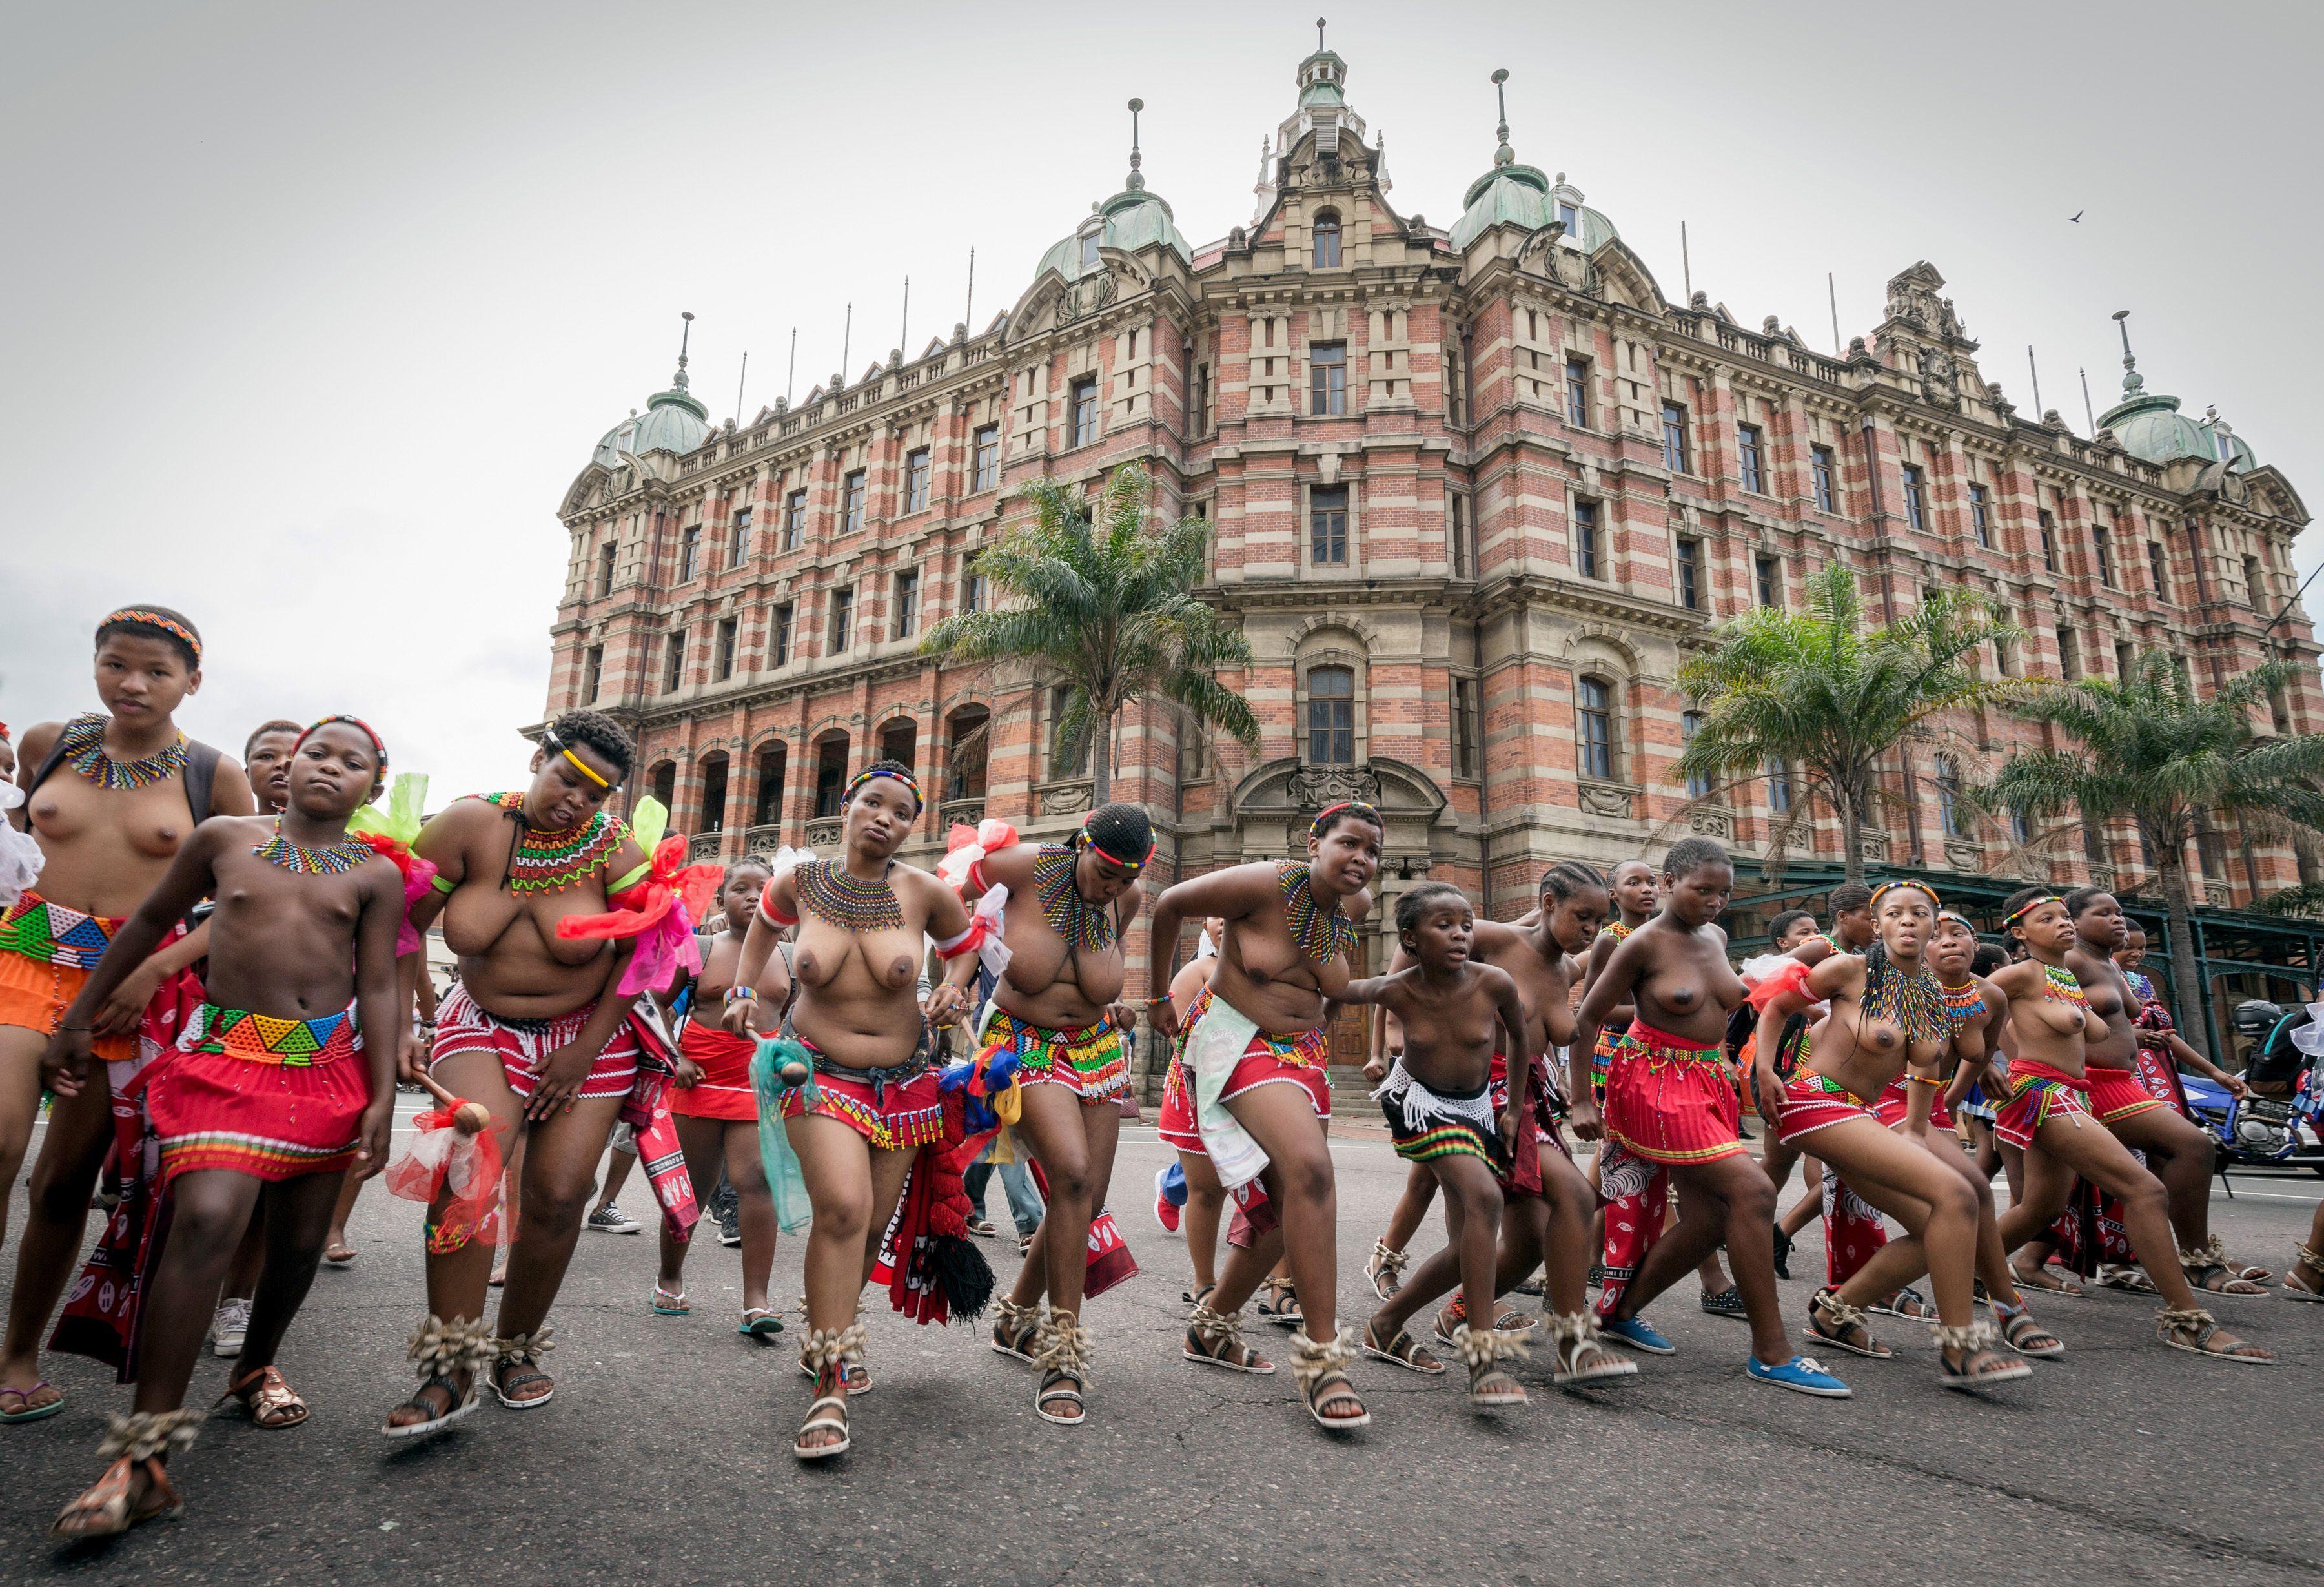 穿著傳統服飾的女子在Durban城參加南非傳統舞蹈節表演。(Getty Images)